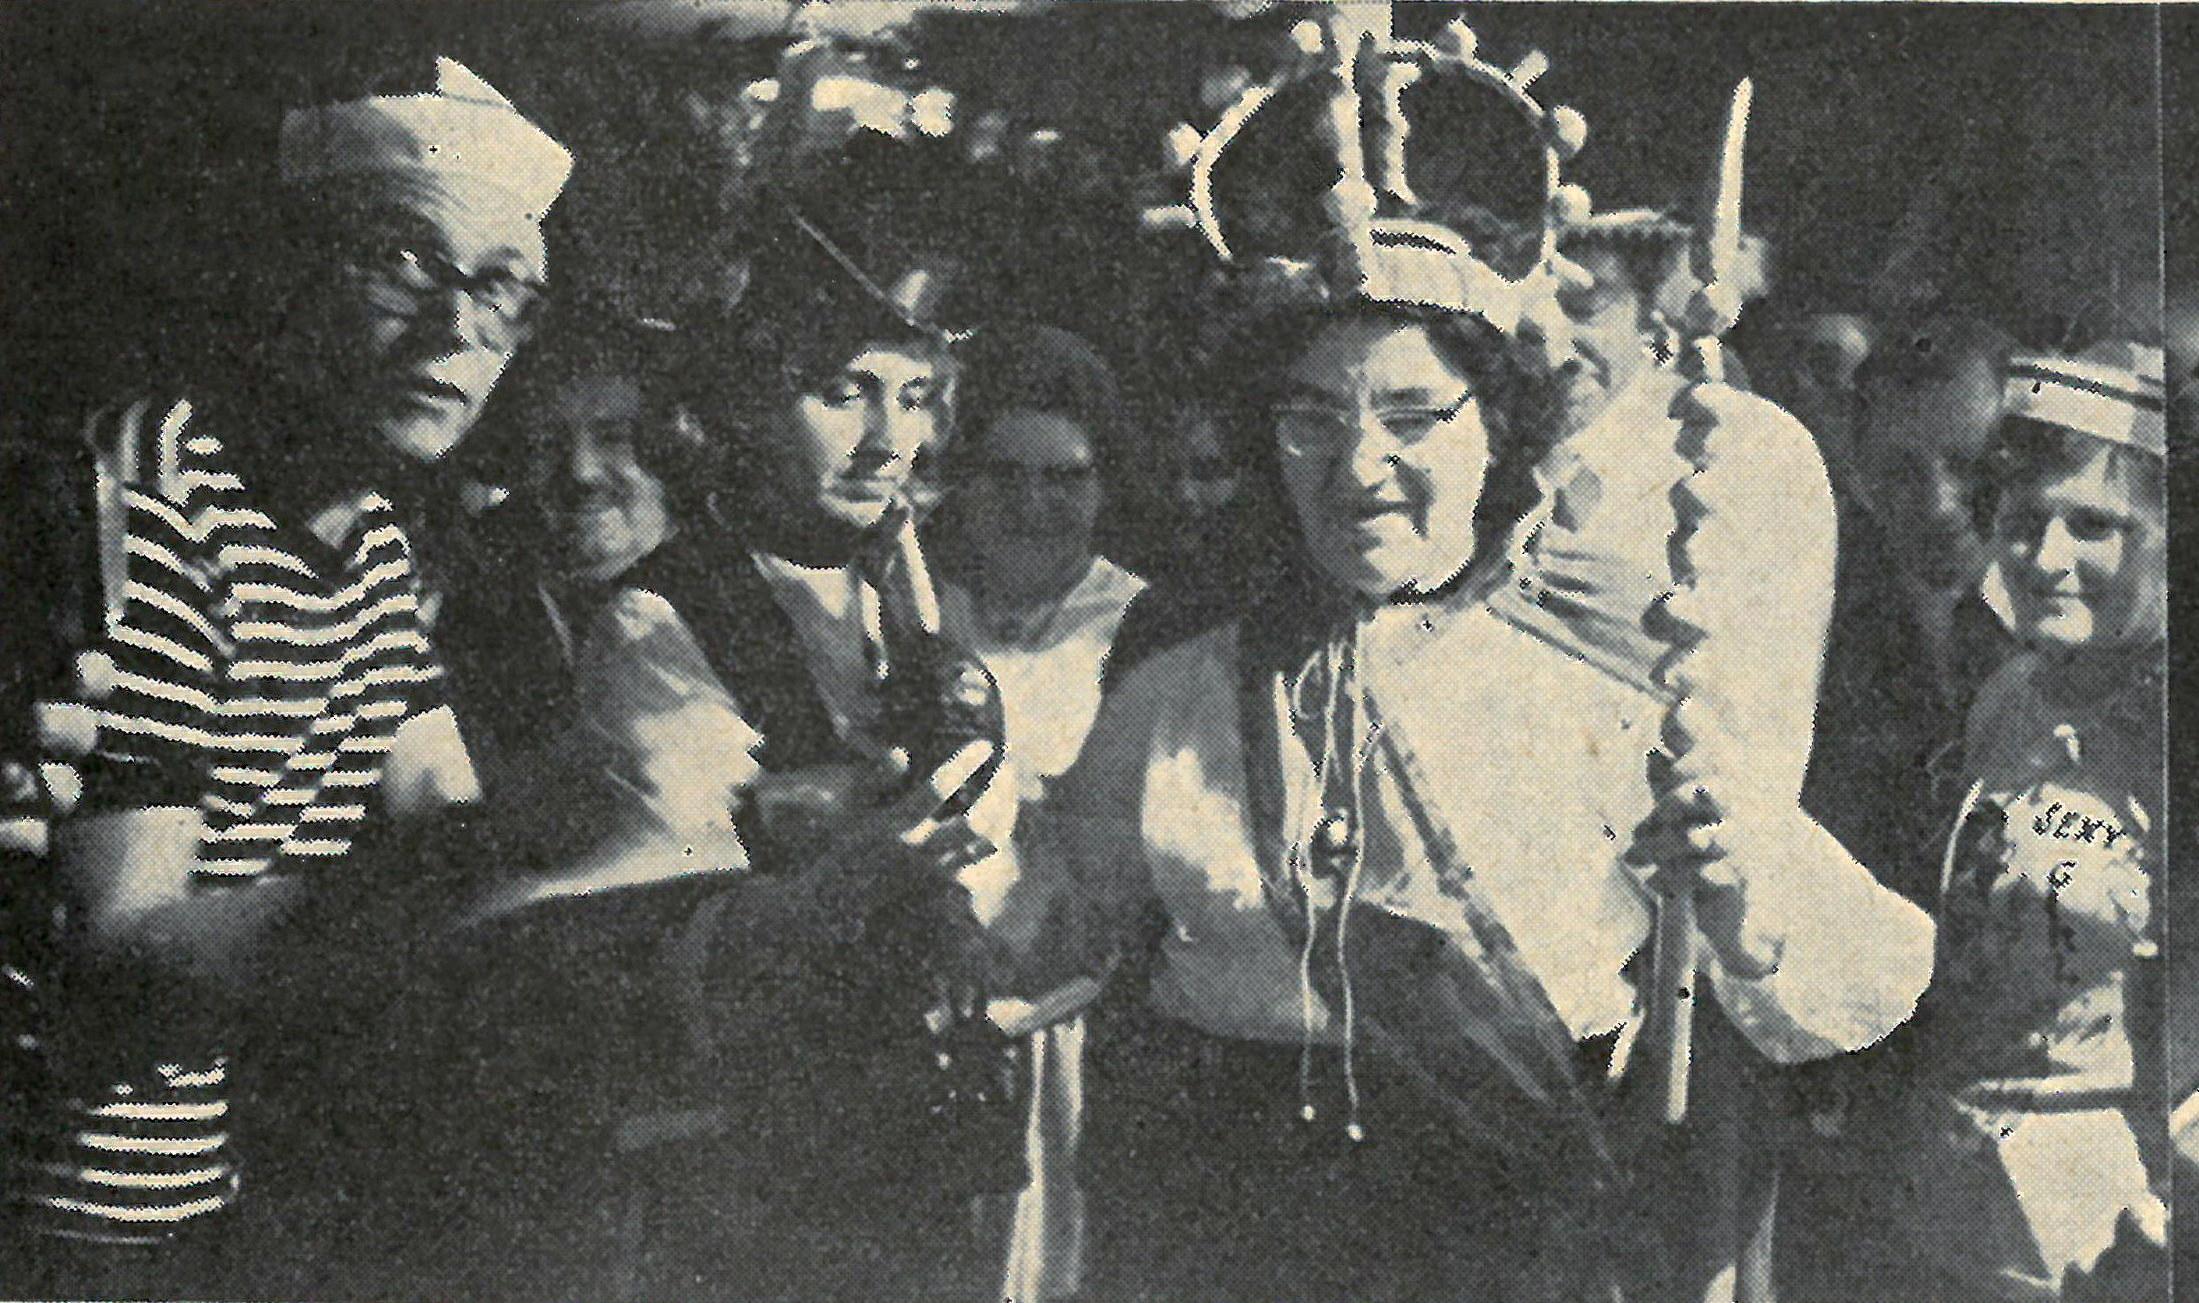 4. Rosa I. První okurková královna  Mnichov 1975